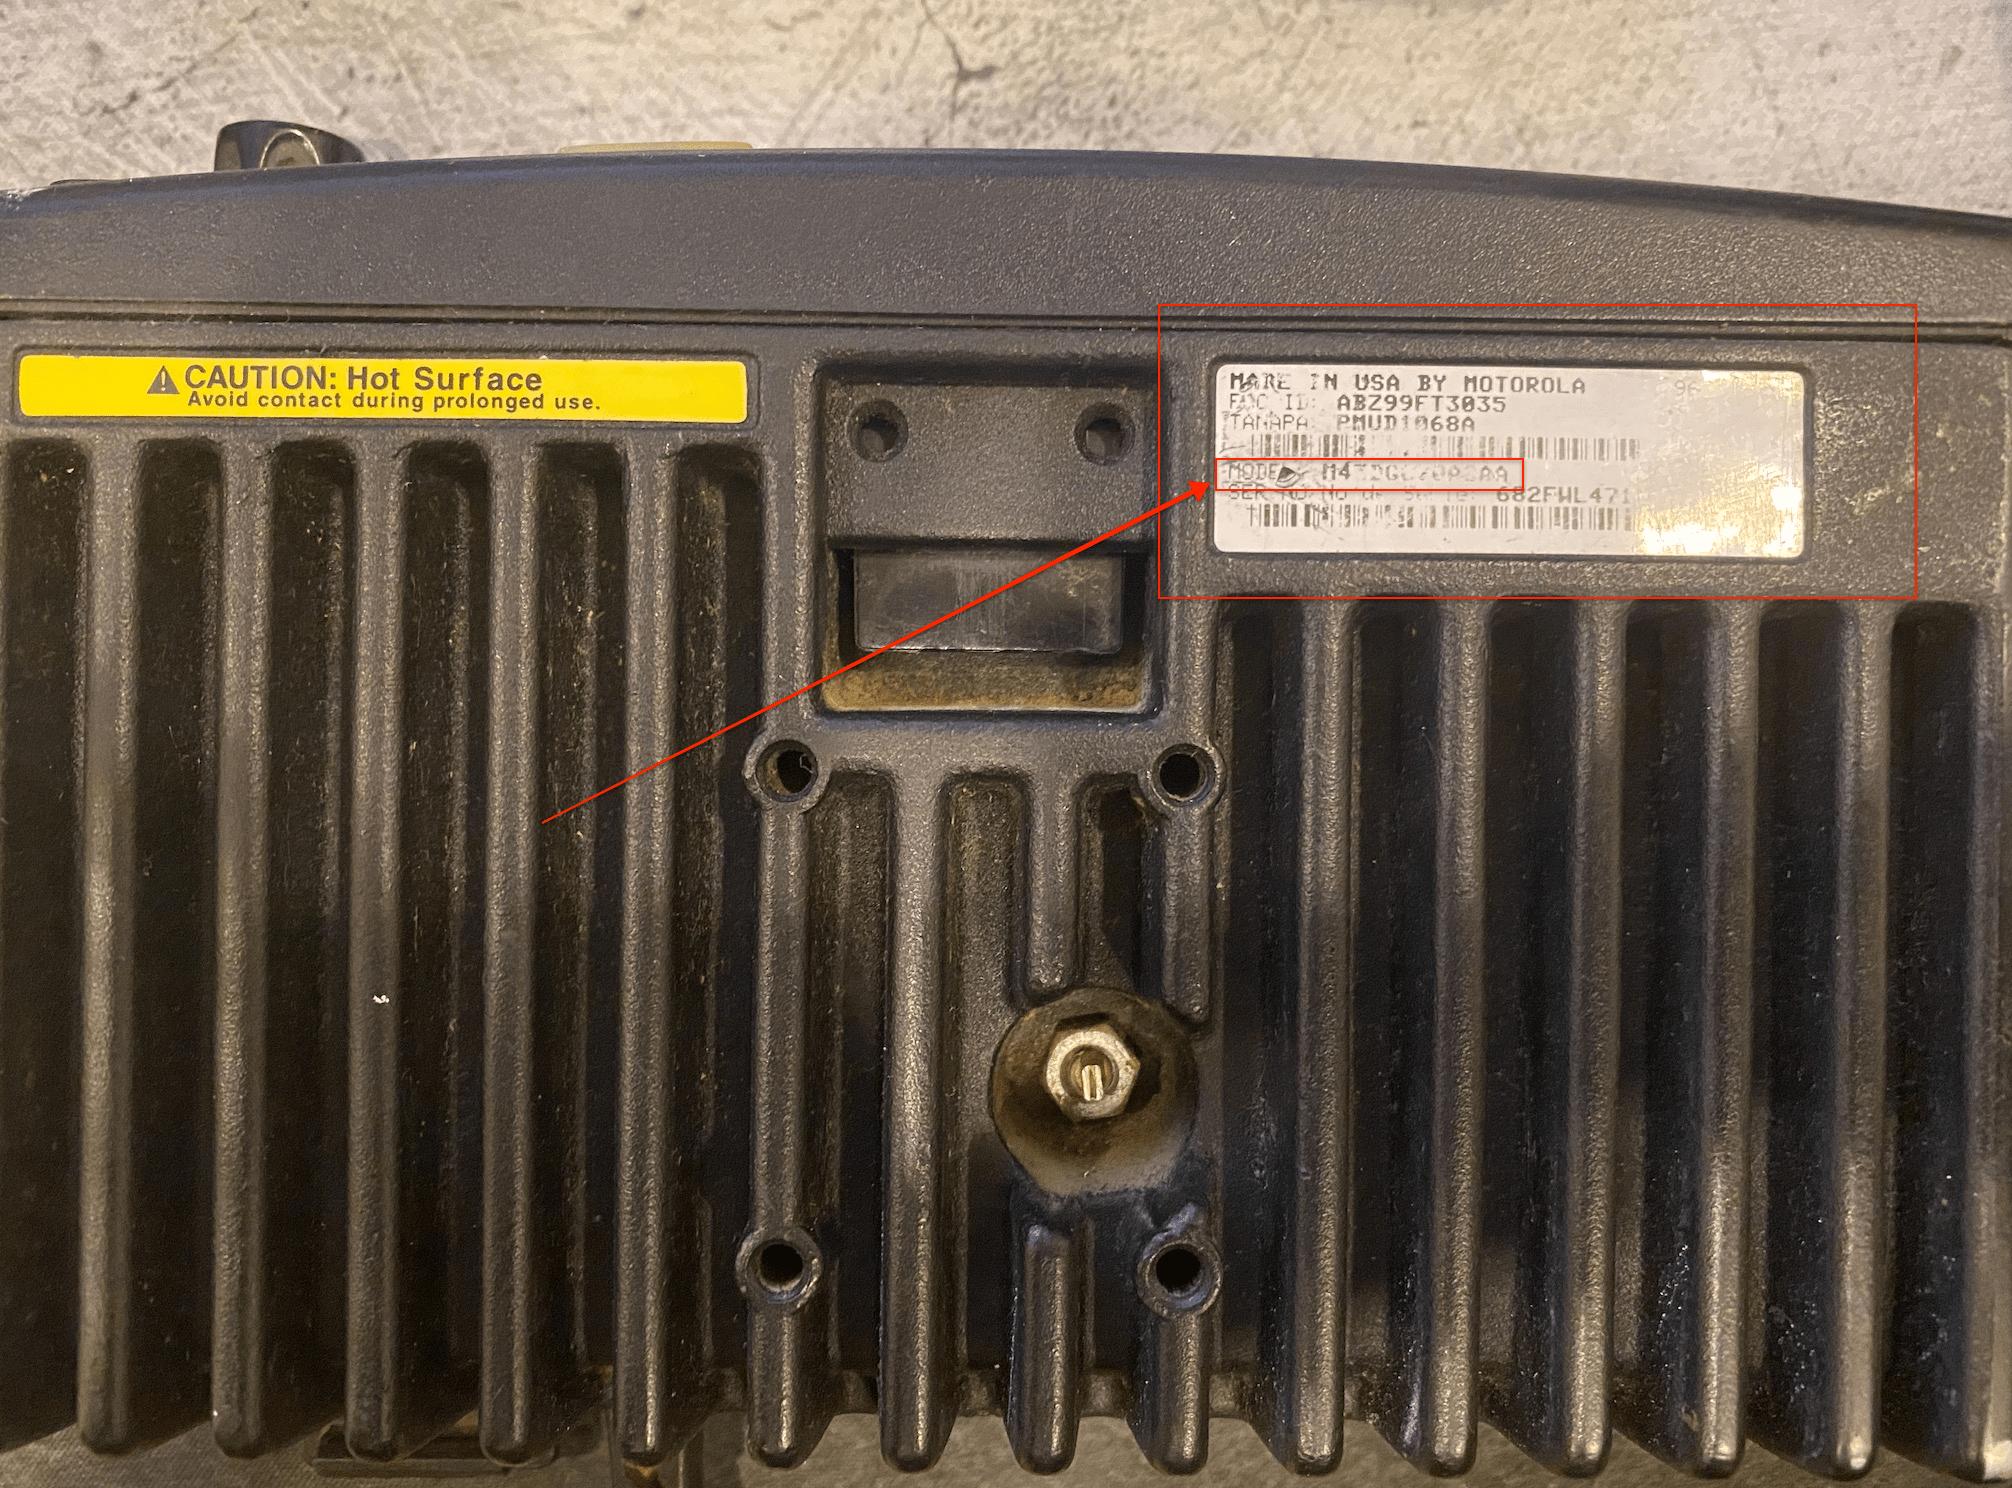 Motorola SM50 specifications - model identification